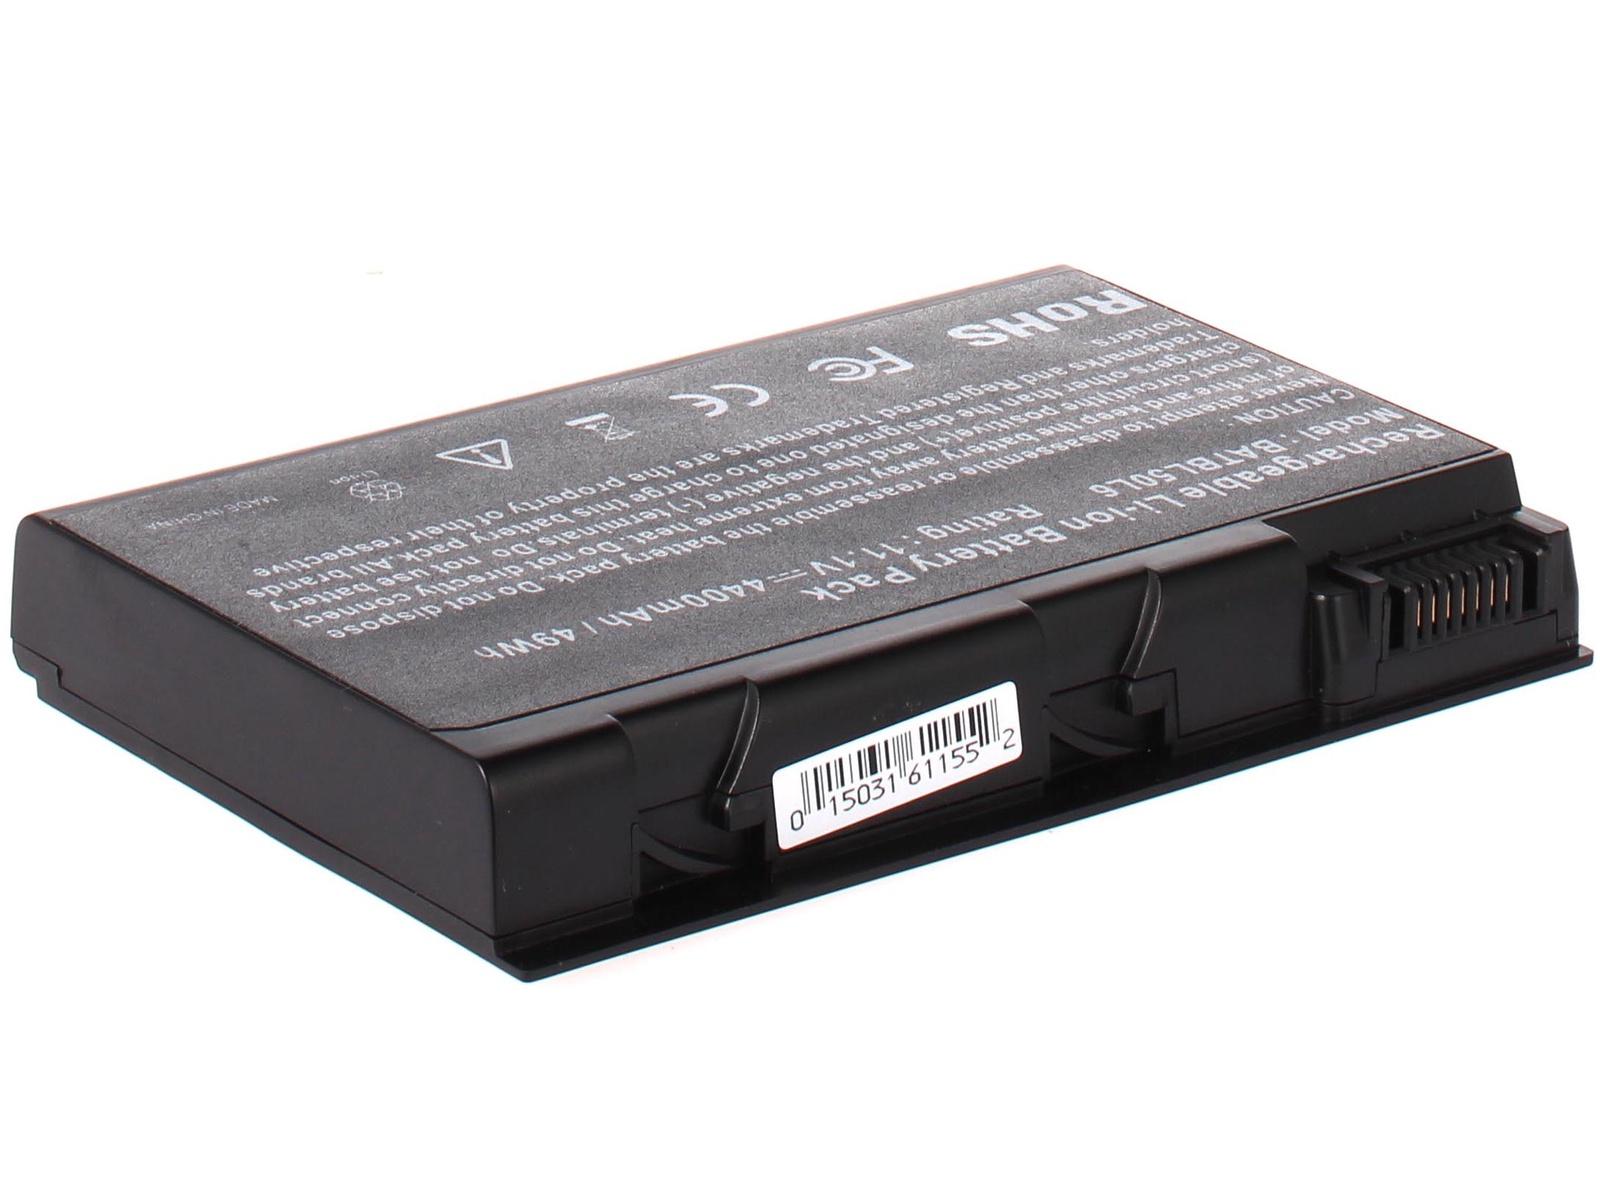 Аккумулятор для ноутбука AnyBatt для Acer Aspire 3692, Aspire 9802, Aspire 5611AWLMI, TravelMate 4233WLMi, Aspire 5103WLMI, TravelMate 5510, TravelMate 4202WLMi, Aspire 5102AWLMi, Aspire 5610Z, Aspire 5112, Aspire 9802WKMi цена